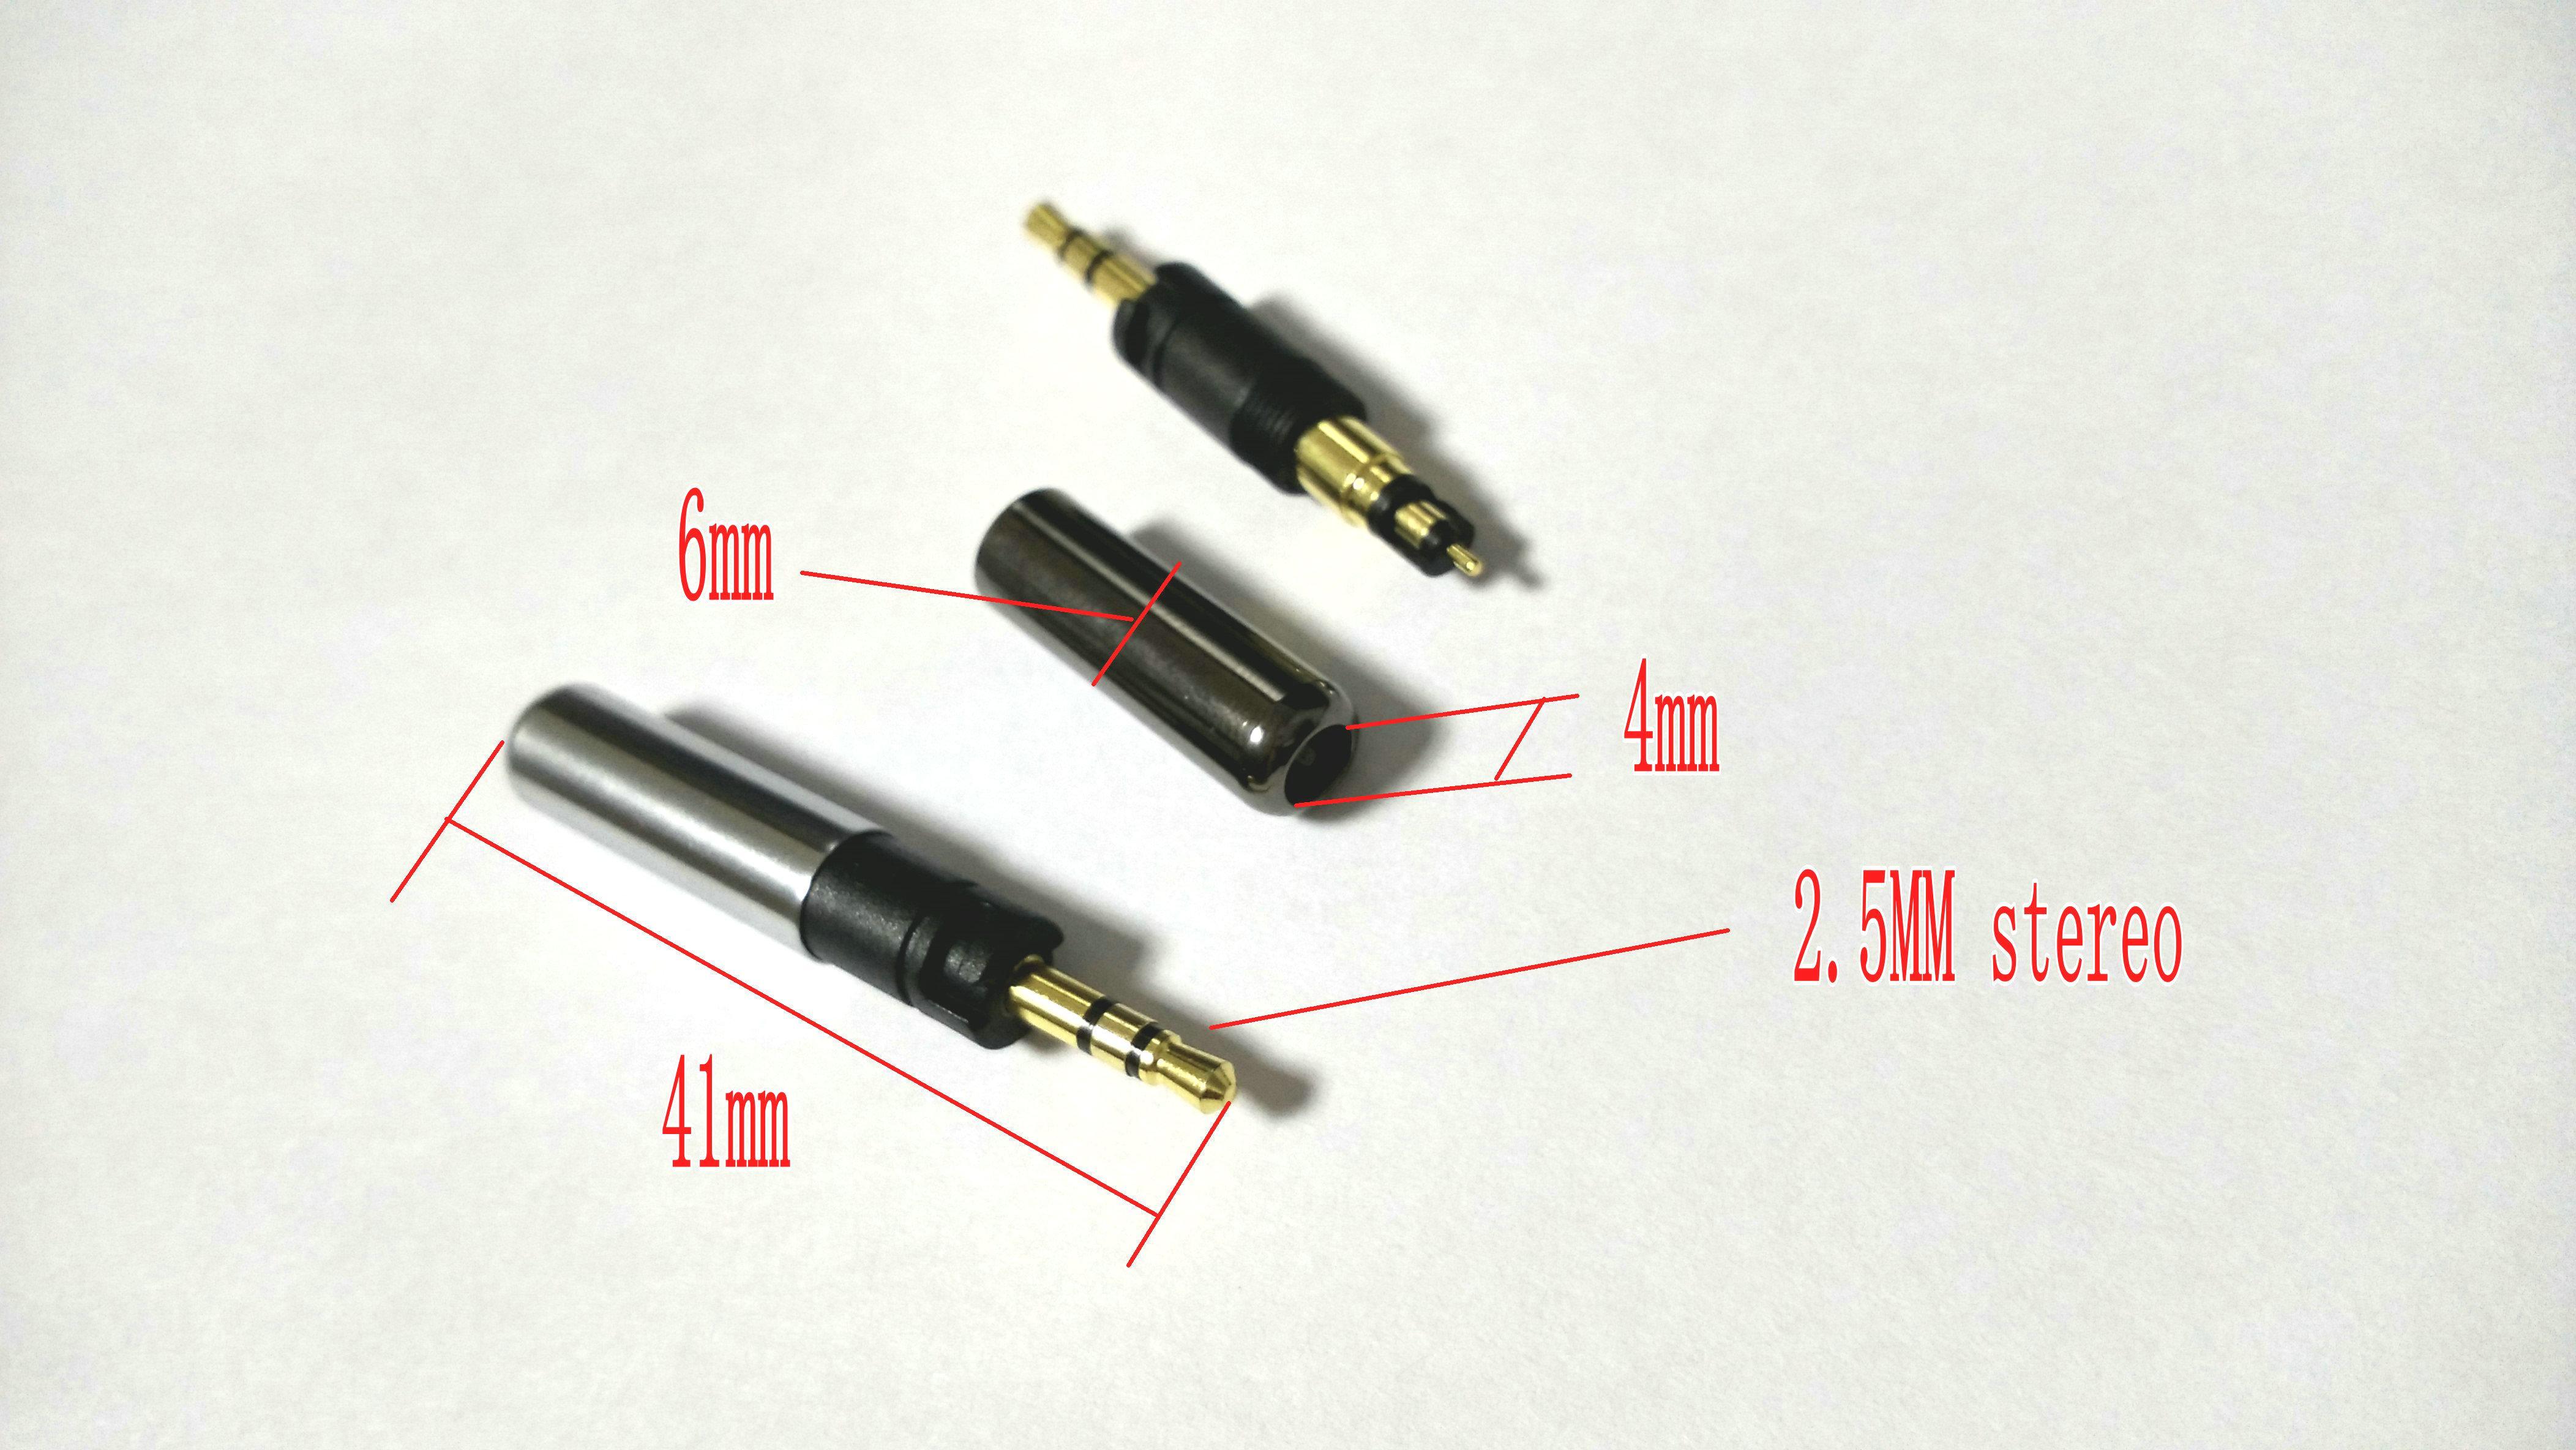 20pcs mini 2.5mm Stereo Repair Headphone Plug Cable Solder DIY connector